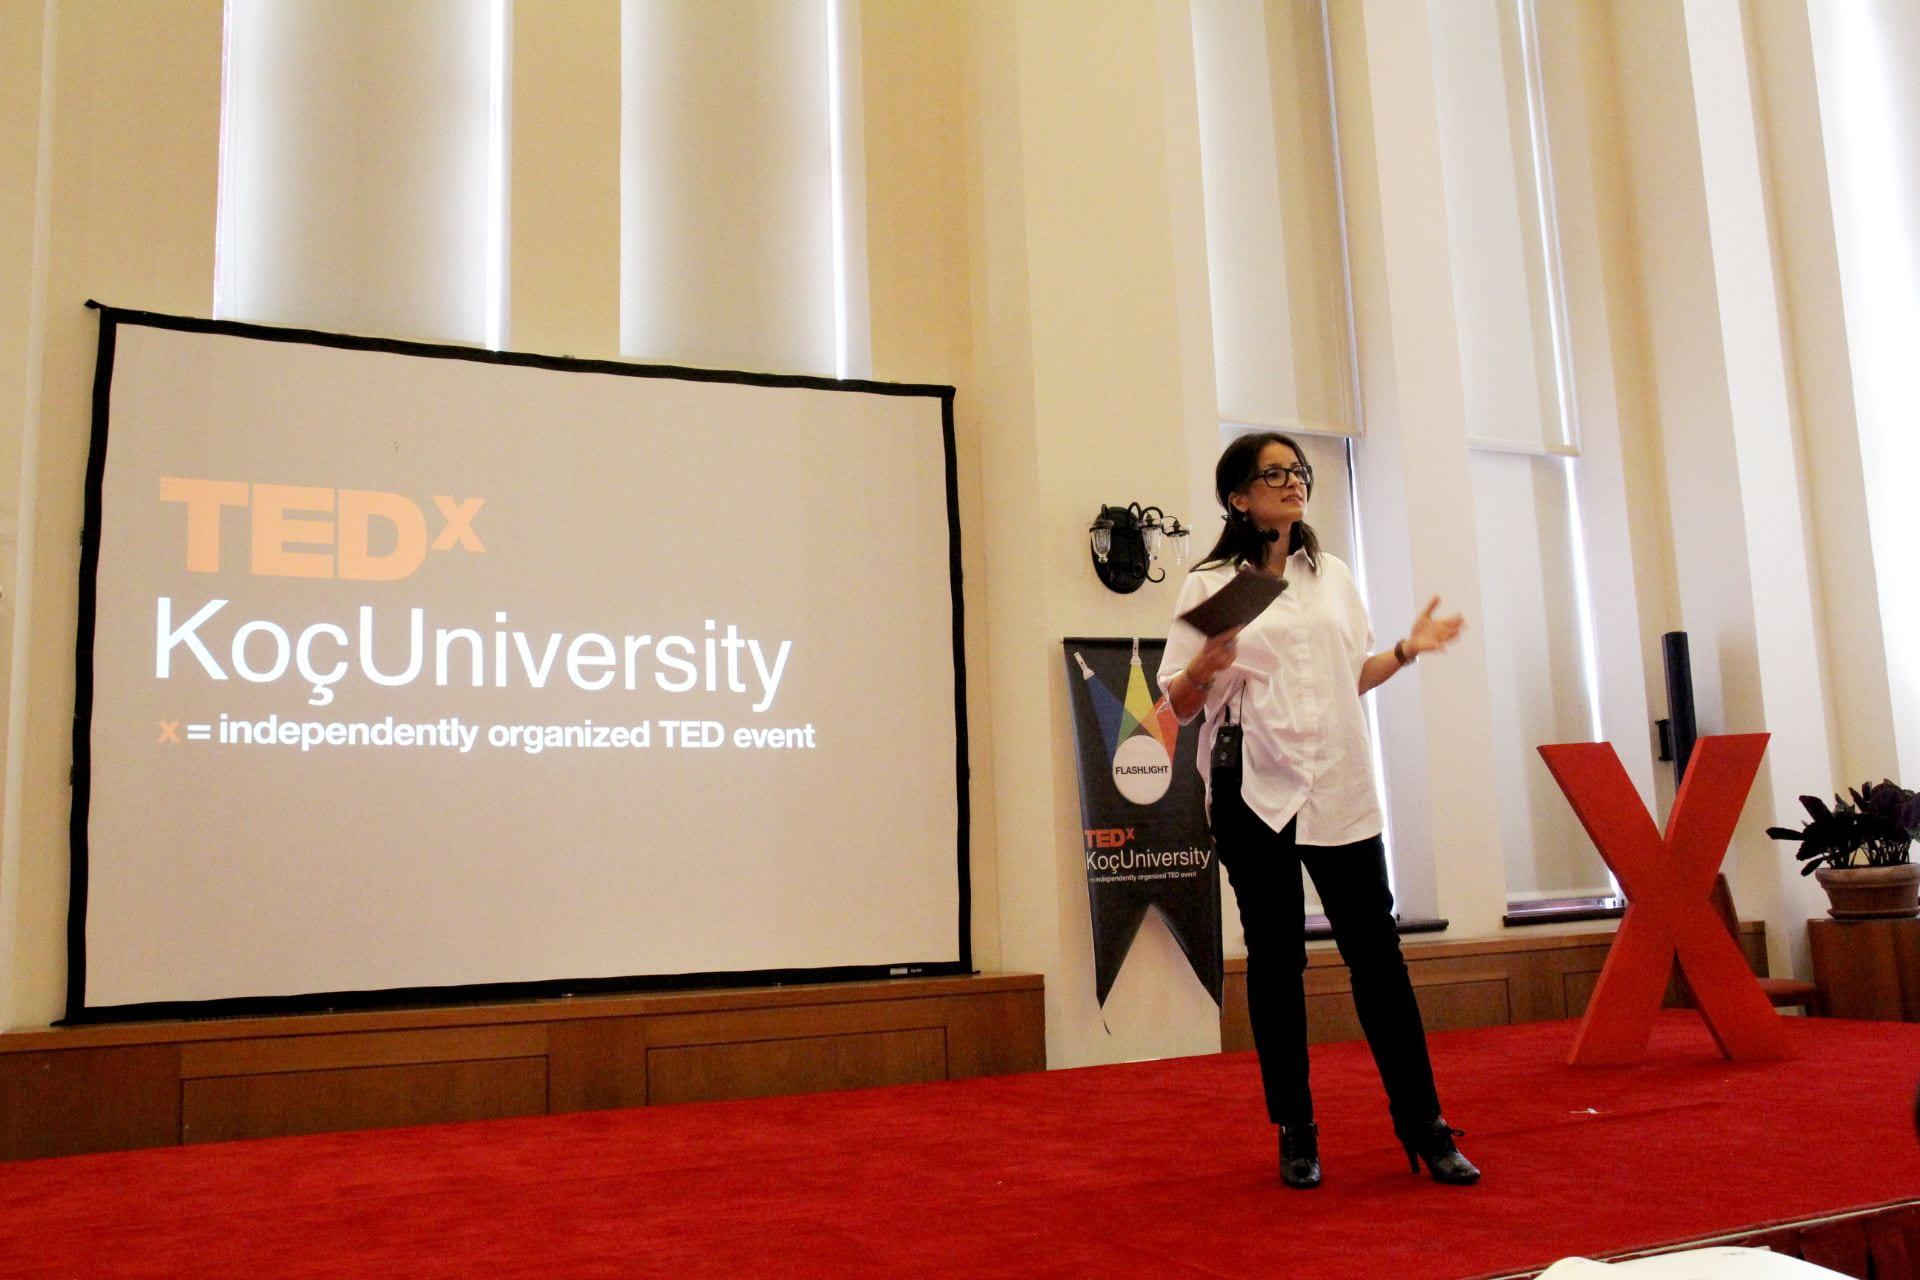 Sevda Kilicalp speaking at a TEDx event.